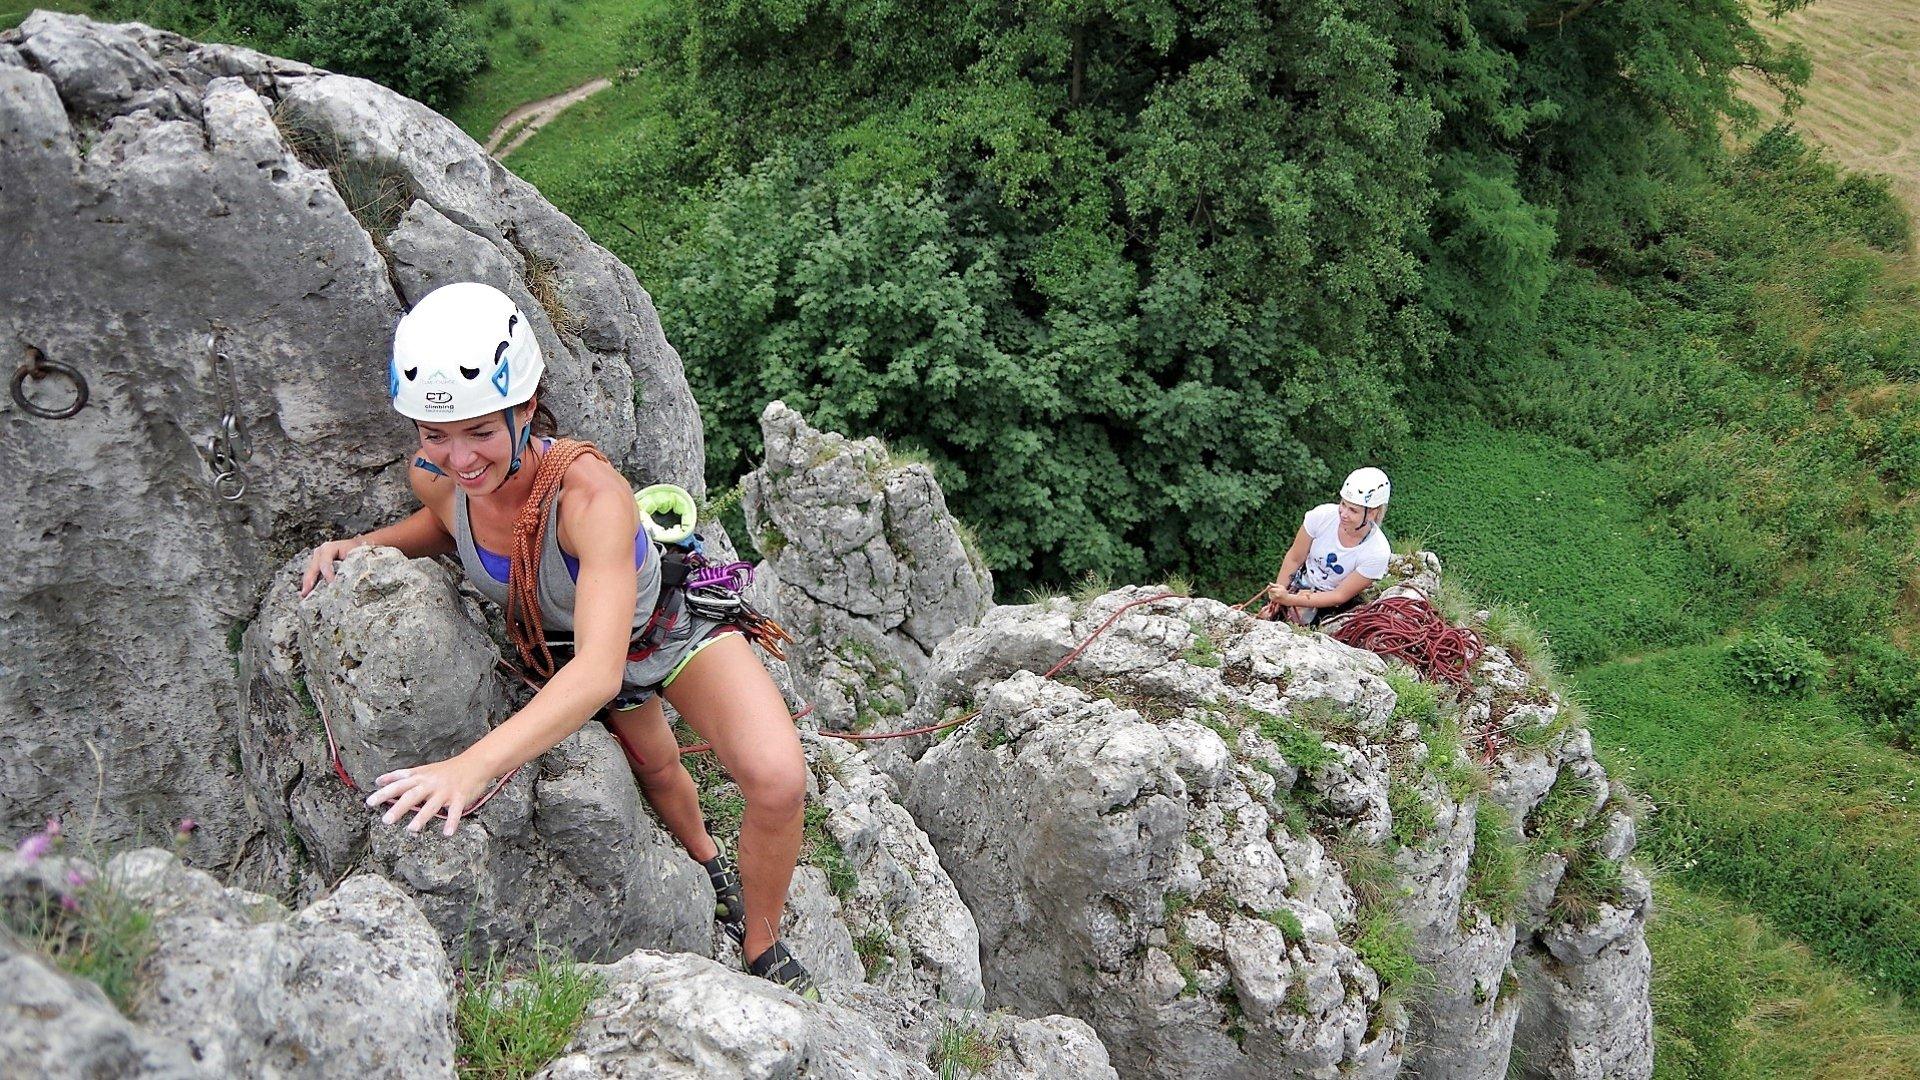 Podstawowy kurs wspinaczki skalnej - nauka wspinania w zespole w Dolinie Bolechowickiej